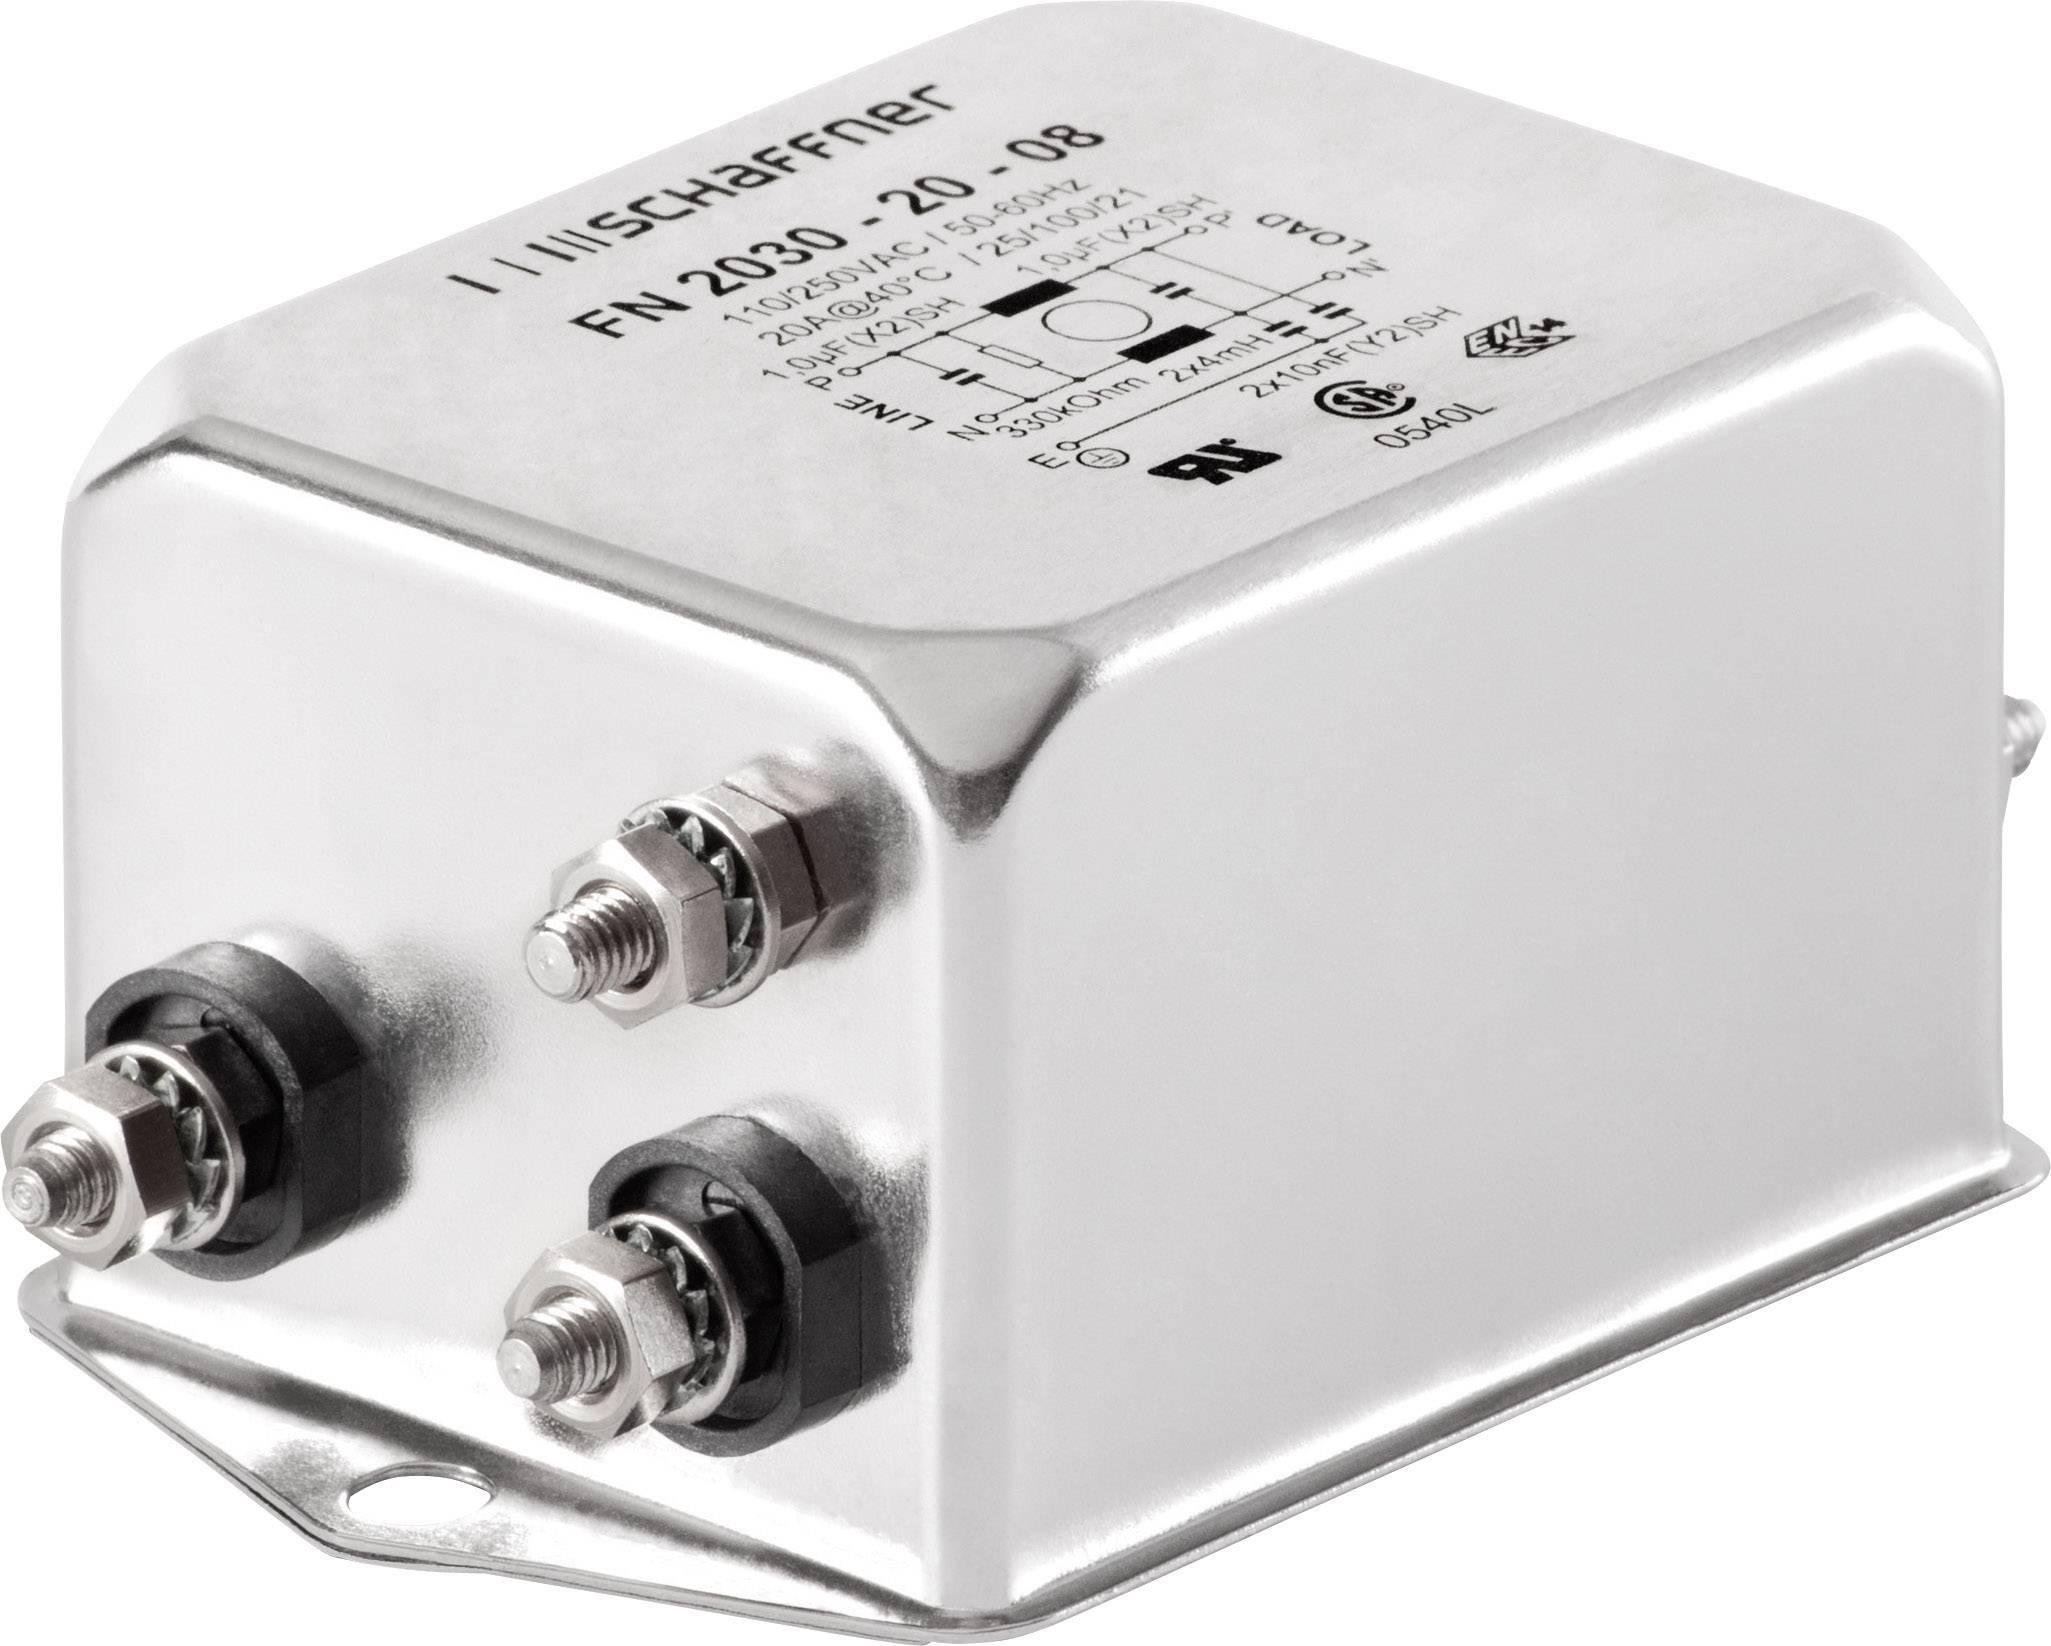 Jednofázový síťový filtr Schaffner, FN2030-10-06, 8 mH, 250 V/AC, 10 A